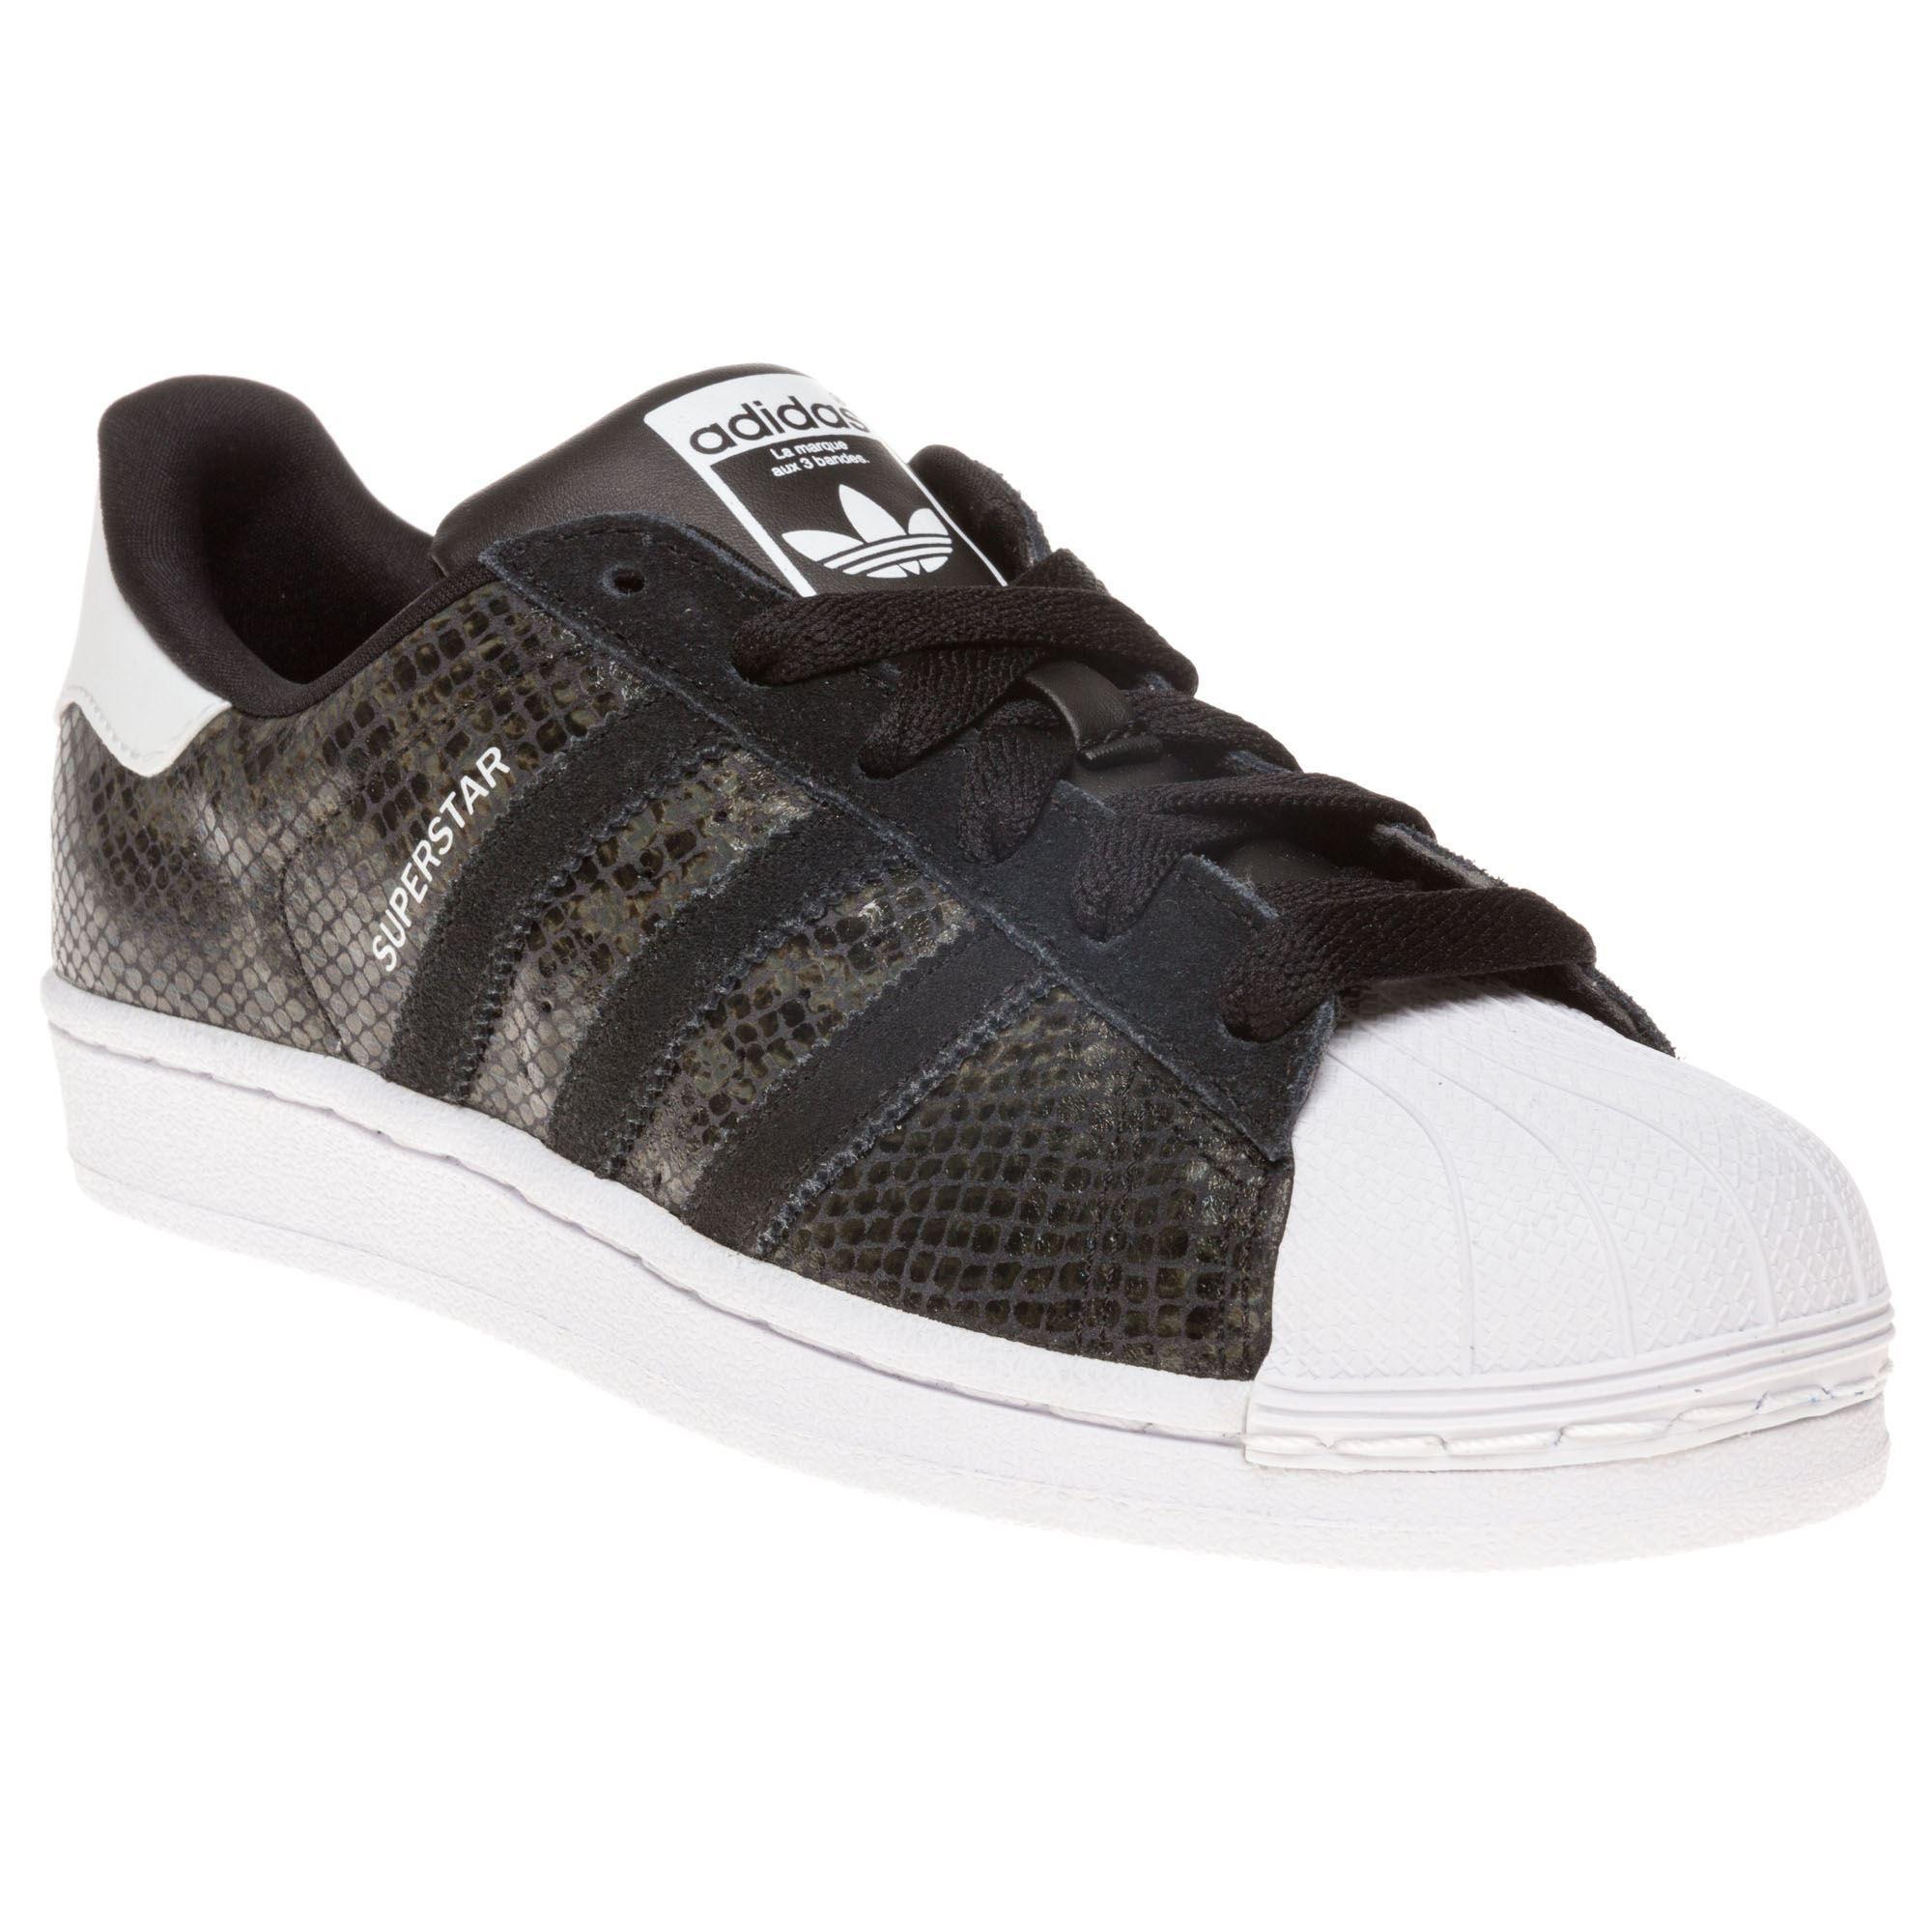 adidas superstar scarpe adidas superstar scarpe adidas